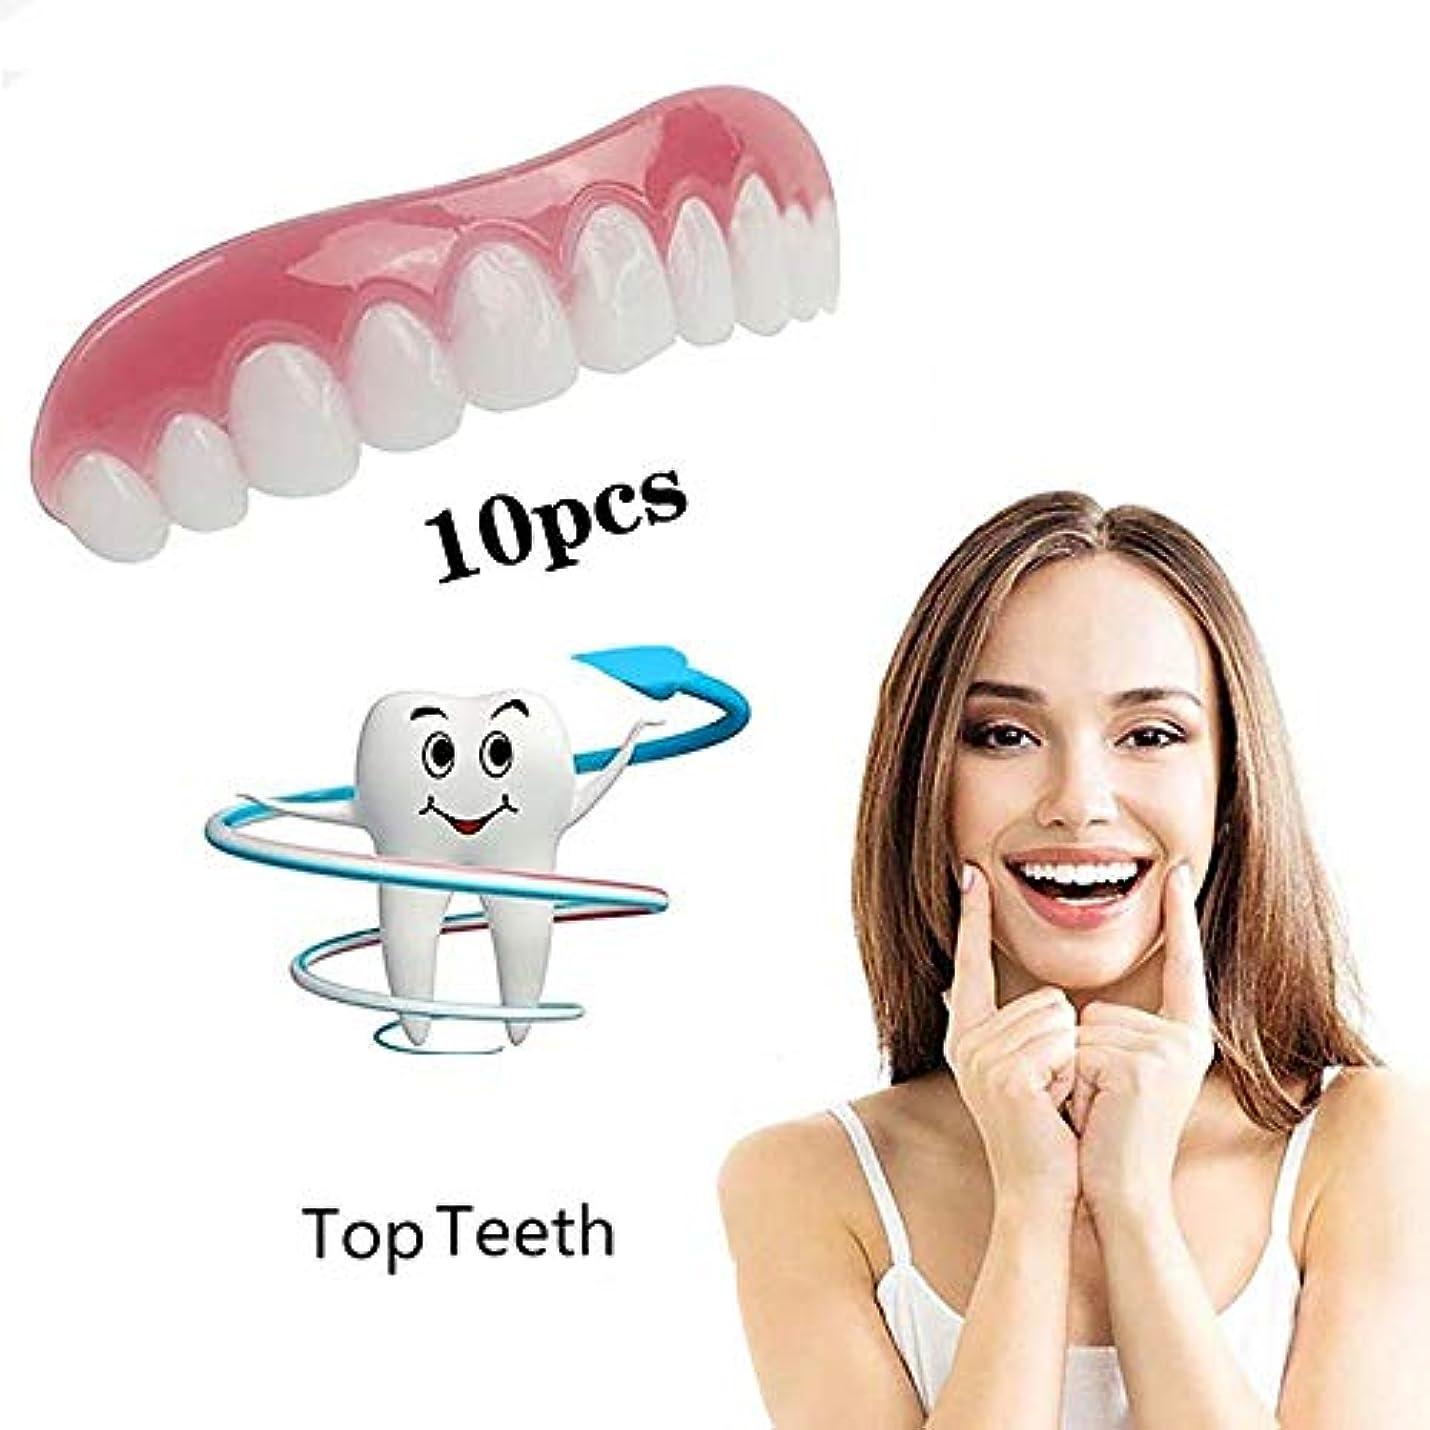 寝具モザイク言及する10個偽の歯アッパー偽の偽の歯カバースナップオン即時の歯の化粧品義歯のケアオーラルケアシリコーンホワイトニング義歯